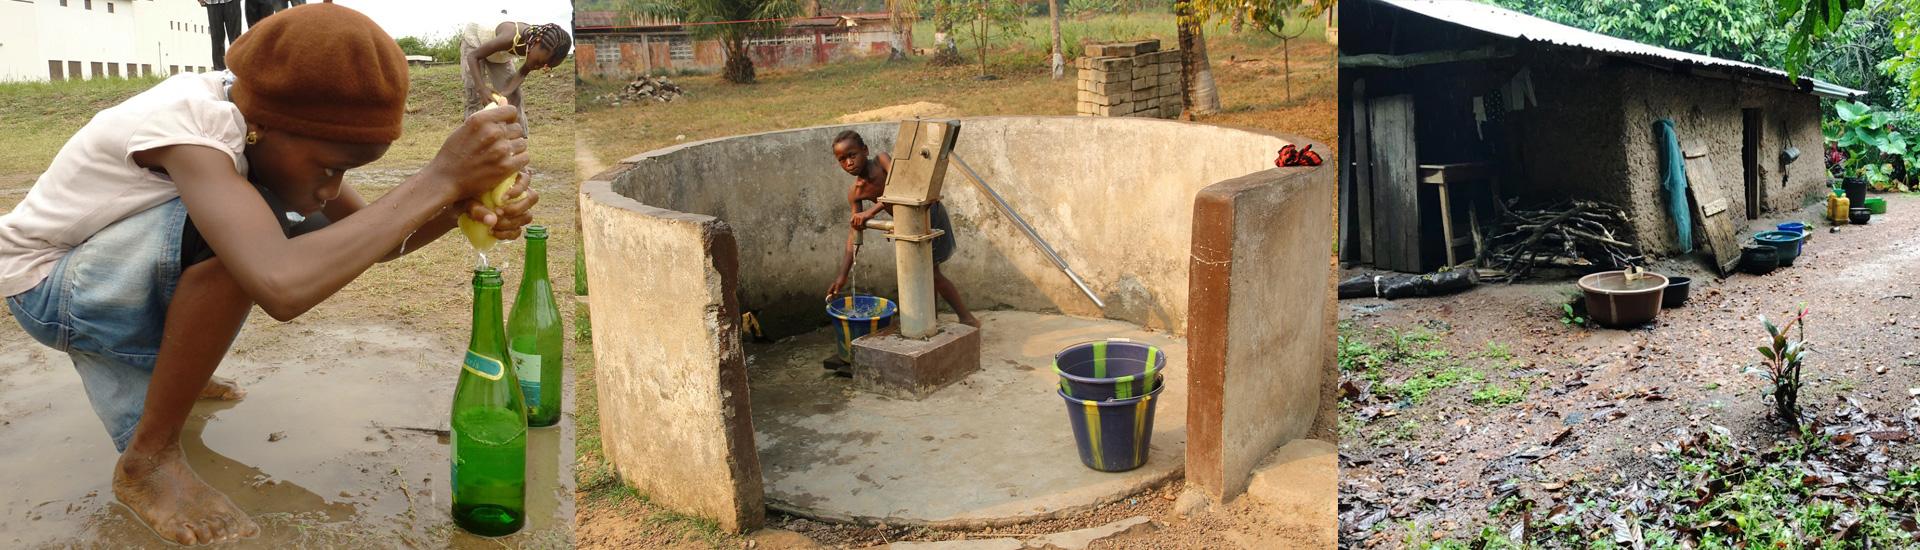 La solidaridad salesiana ayuda a más comunidades de Nigeria con el programa 'Agua limpia' y la excavación de nuevos pozos